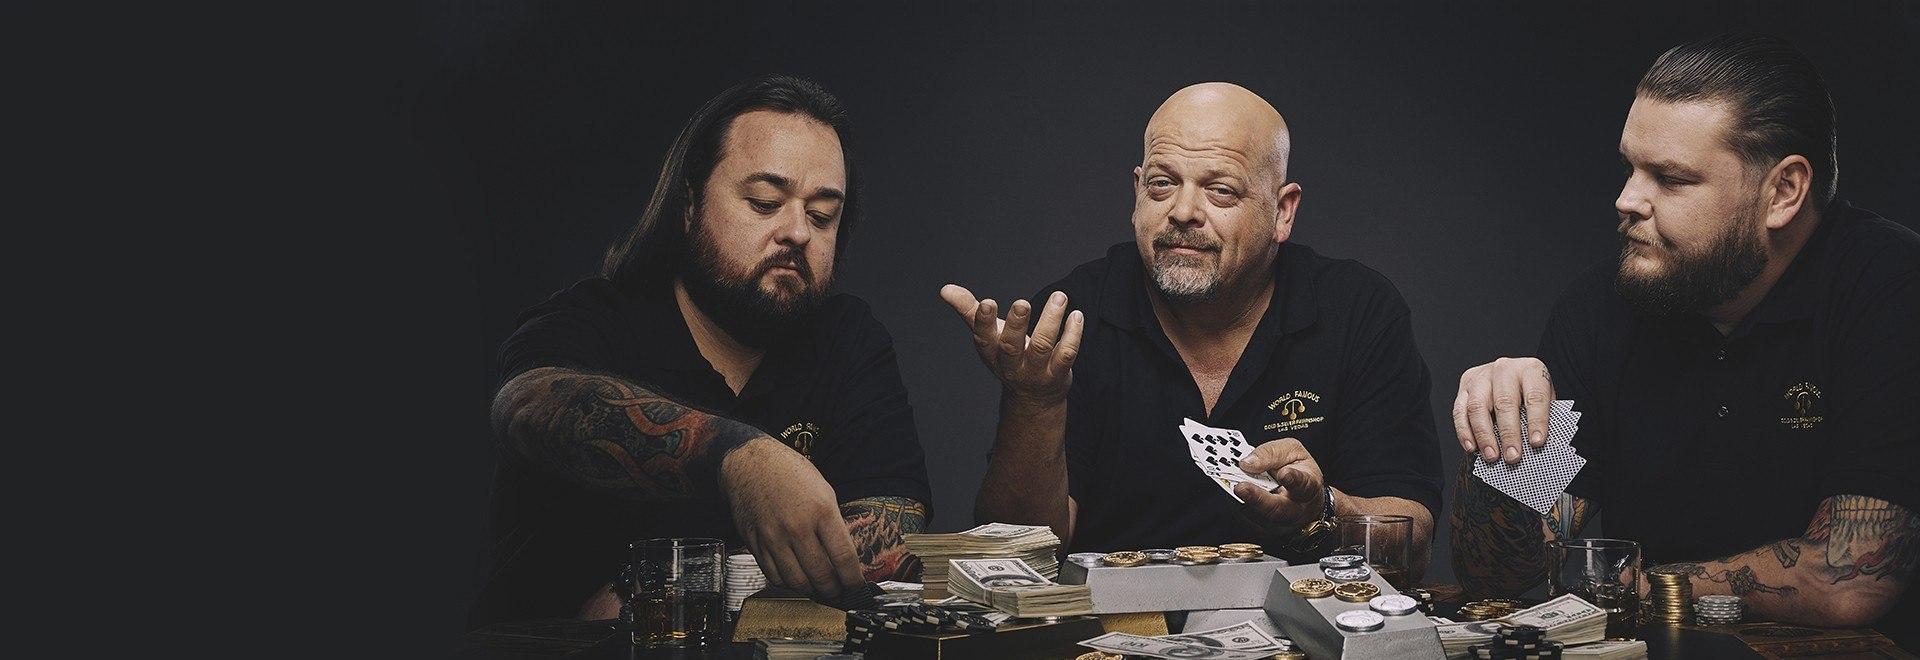 Guardaroba di Tony Soprano